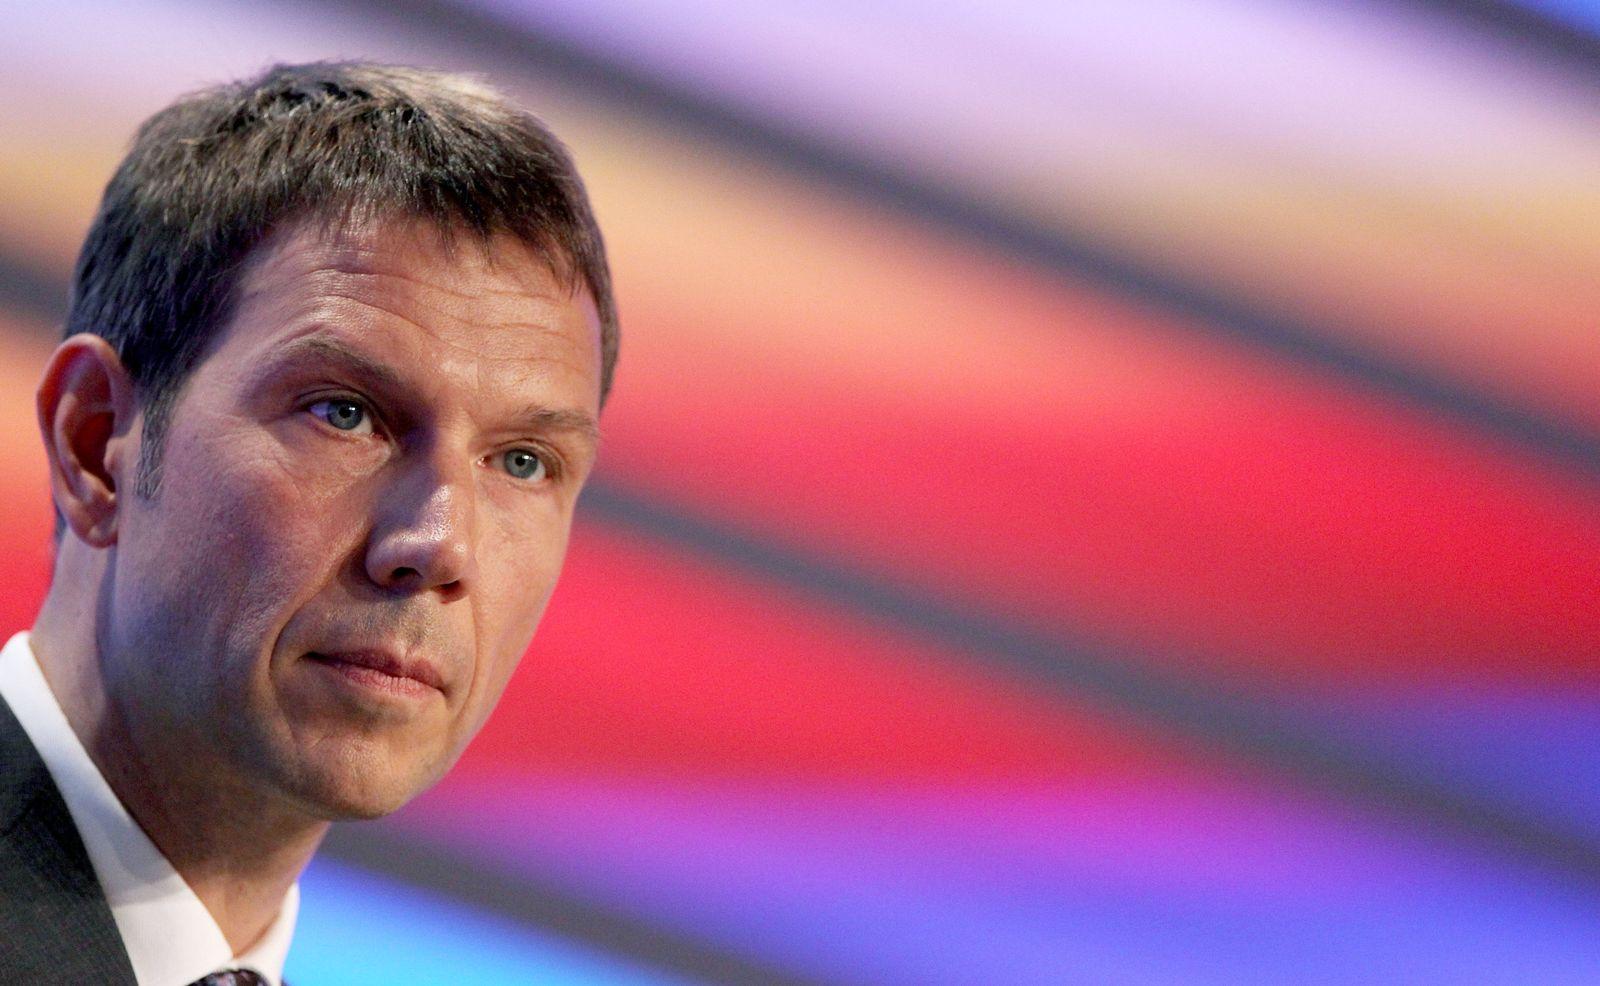 Wohnung von Telekom-Chef Obermann durchsucht